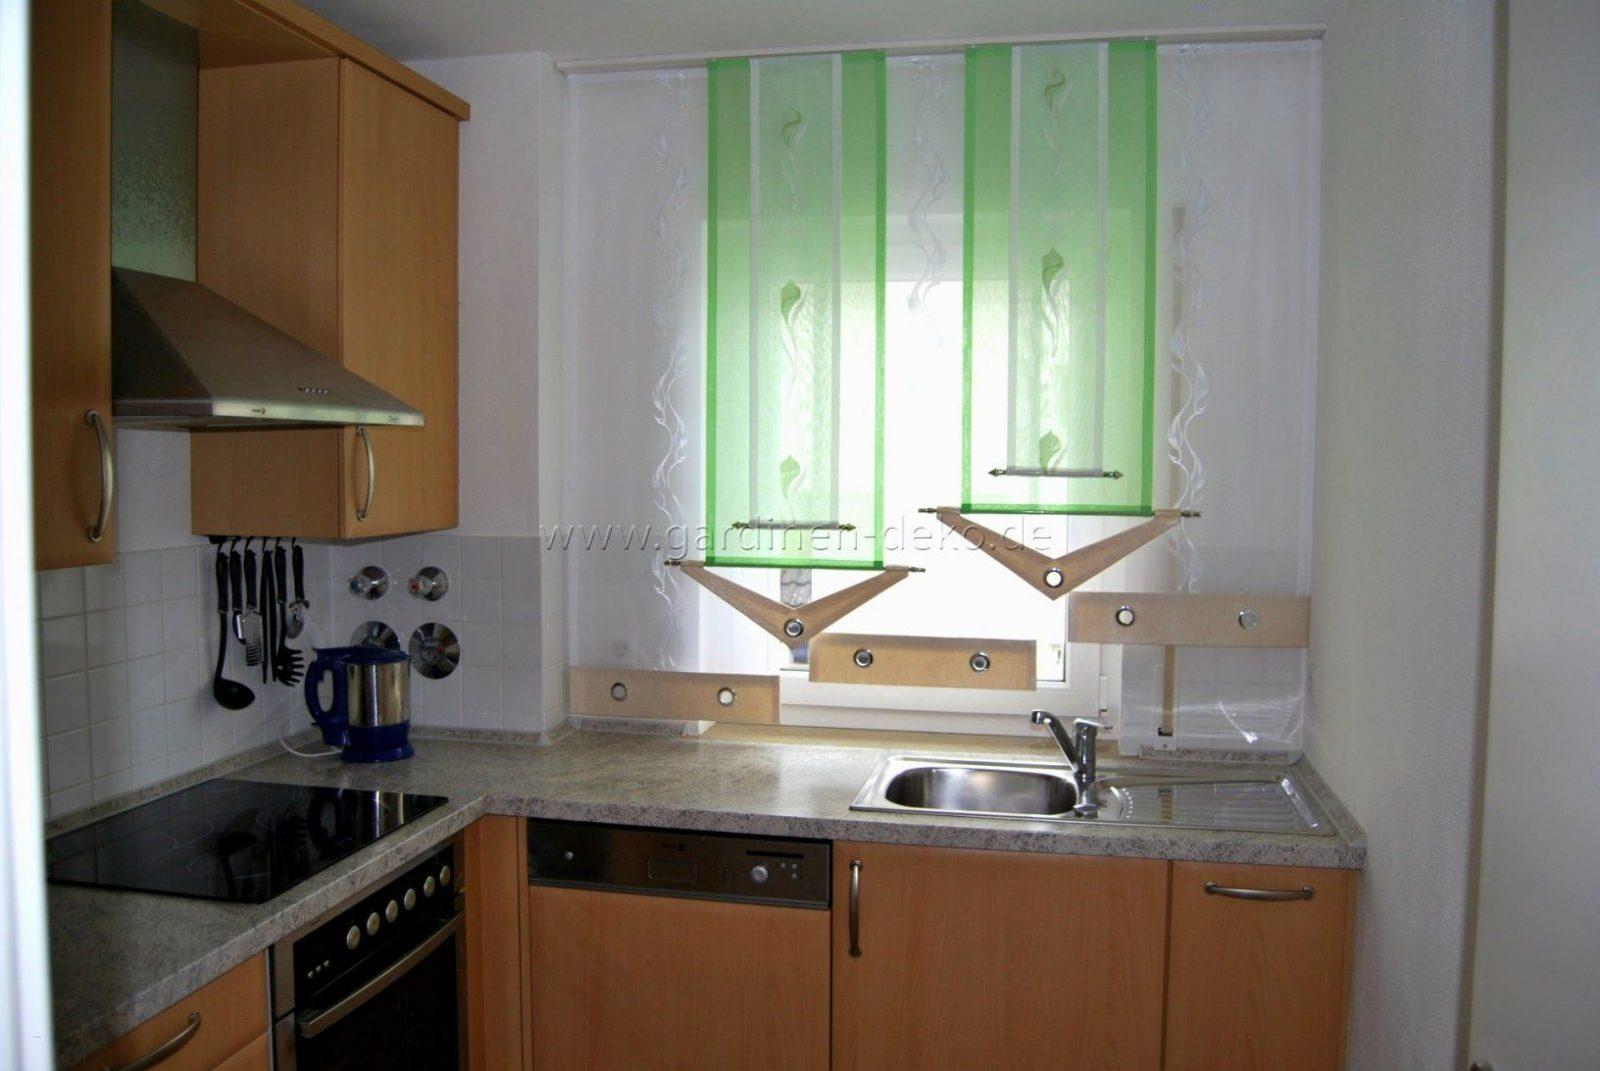 Full Size of Küchen Regal Wohnzimmer Lidl Küchen